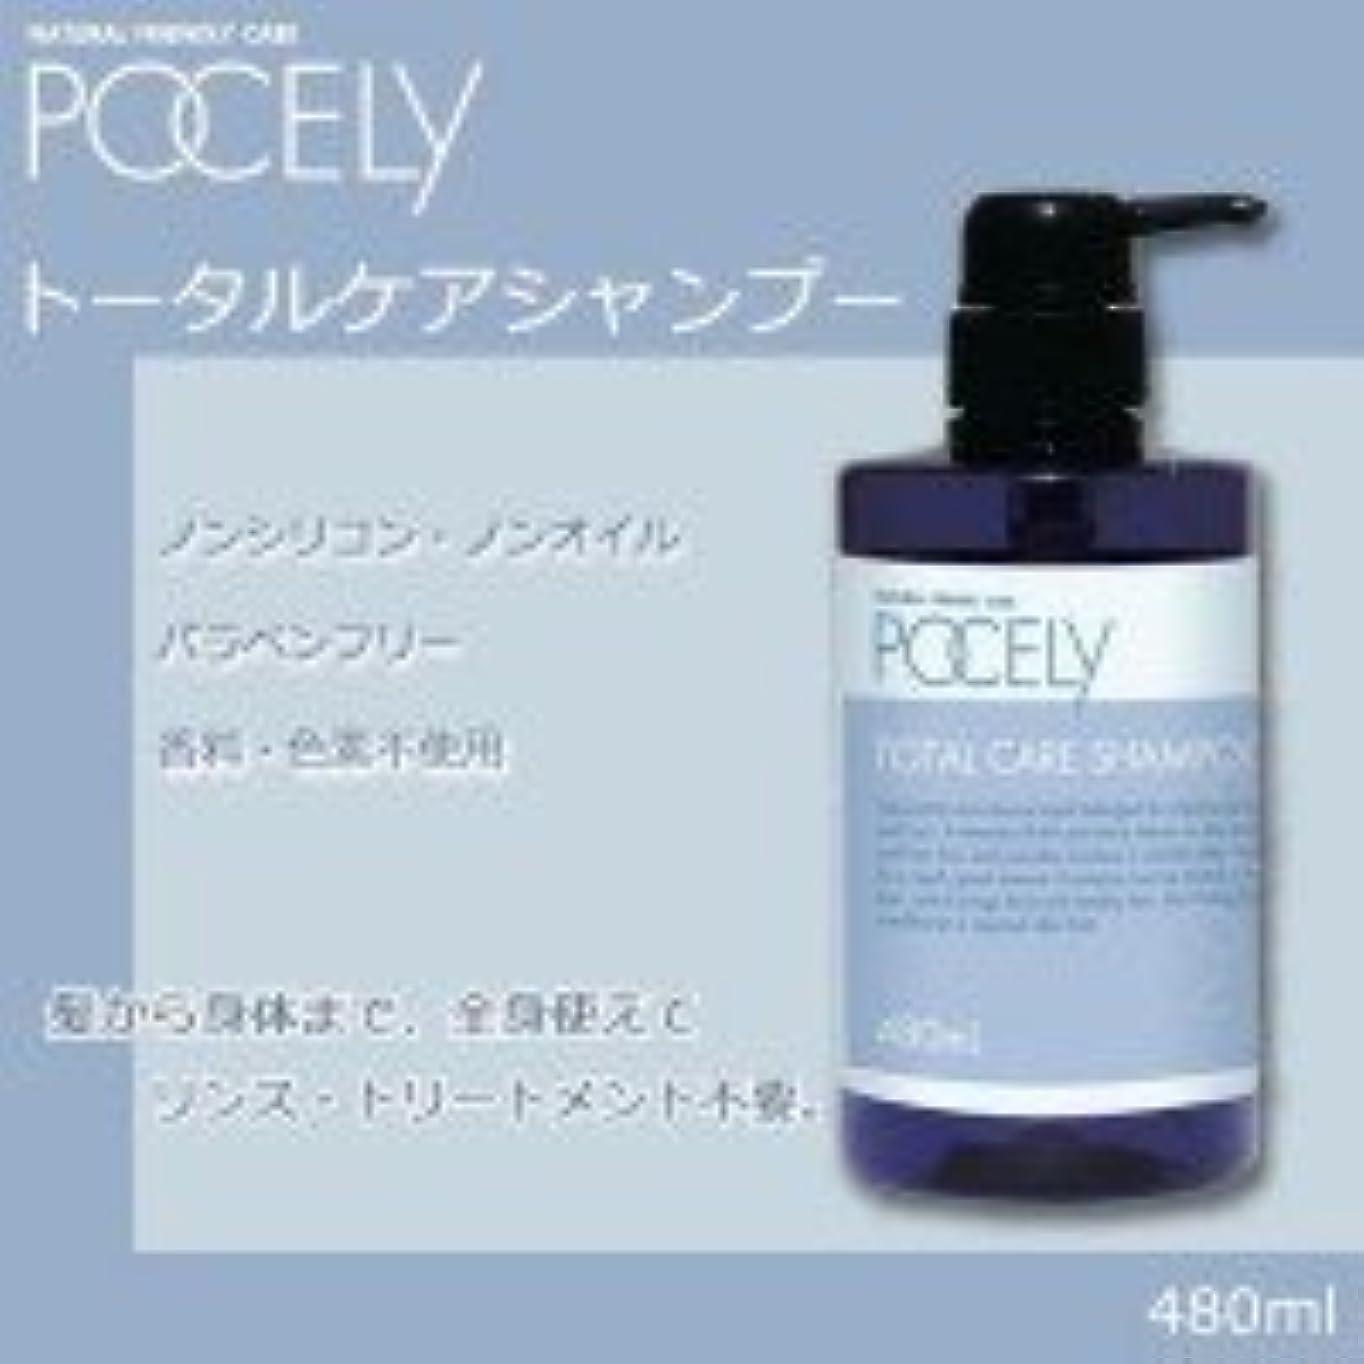 詐欺貨物ぬいぐるみ皮膚医学に基づいて開発! POCELY(ポーセリー) トータルケアシャンプー480ml